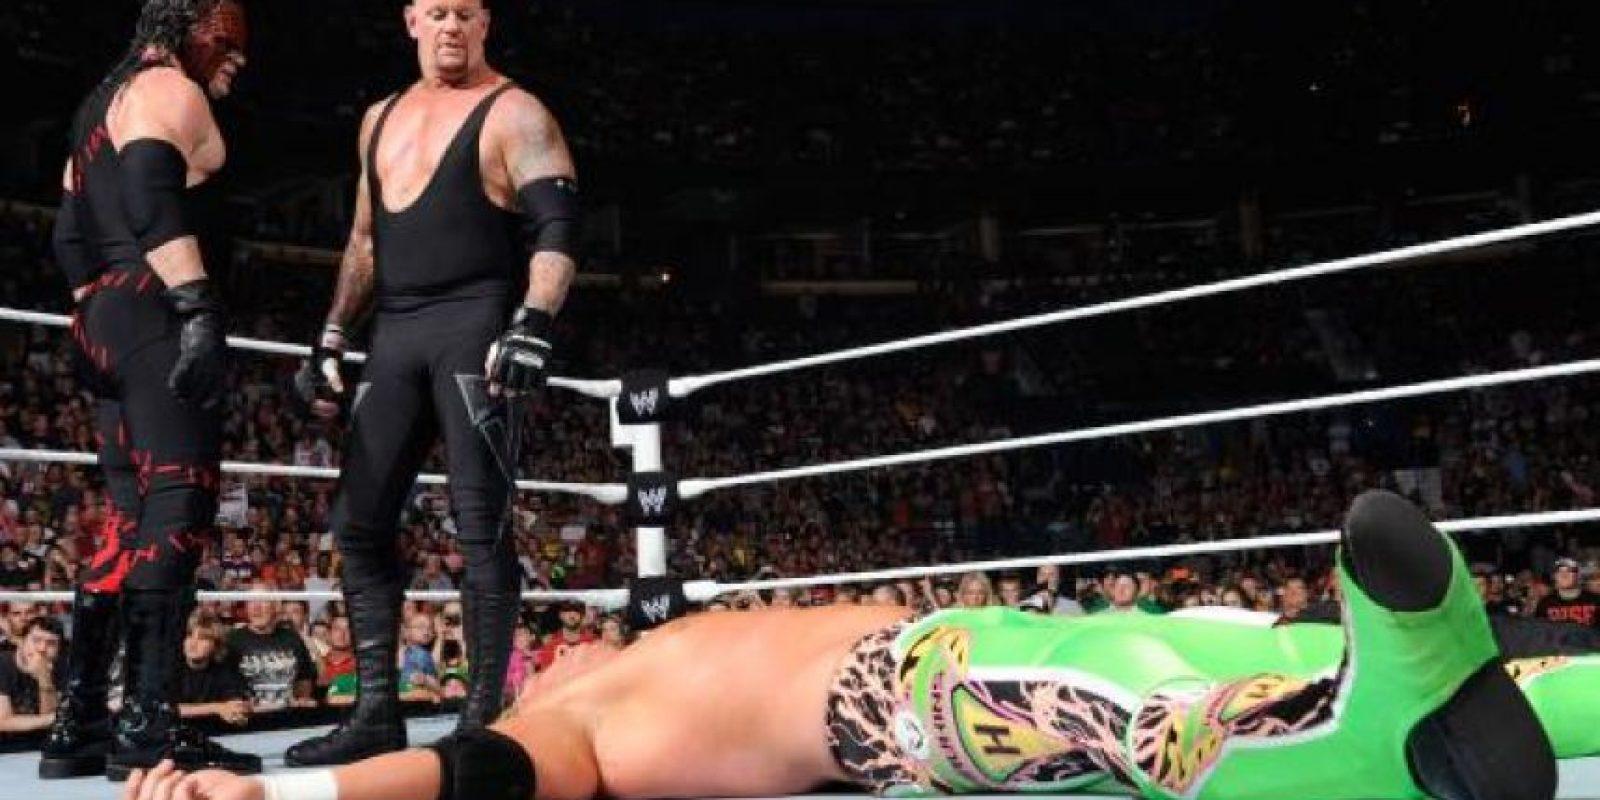 El reencuentro se dio en octubre de 2015 para enfrentarse a Braun Strowman y Luke Harper en la gira de WWE en México. Foto:WWE